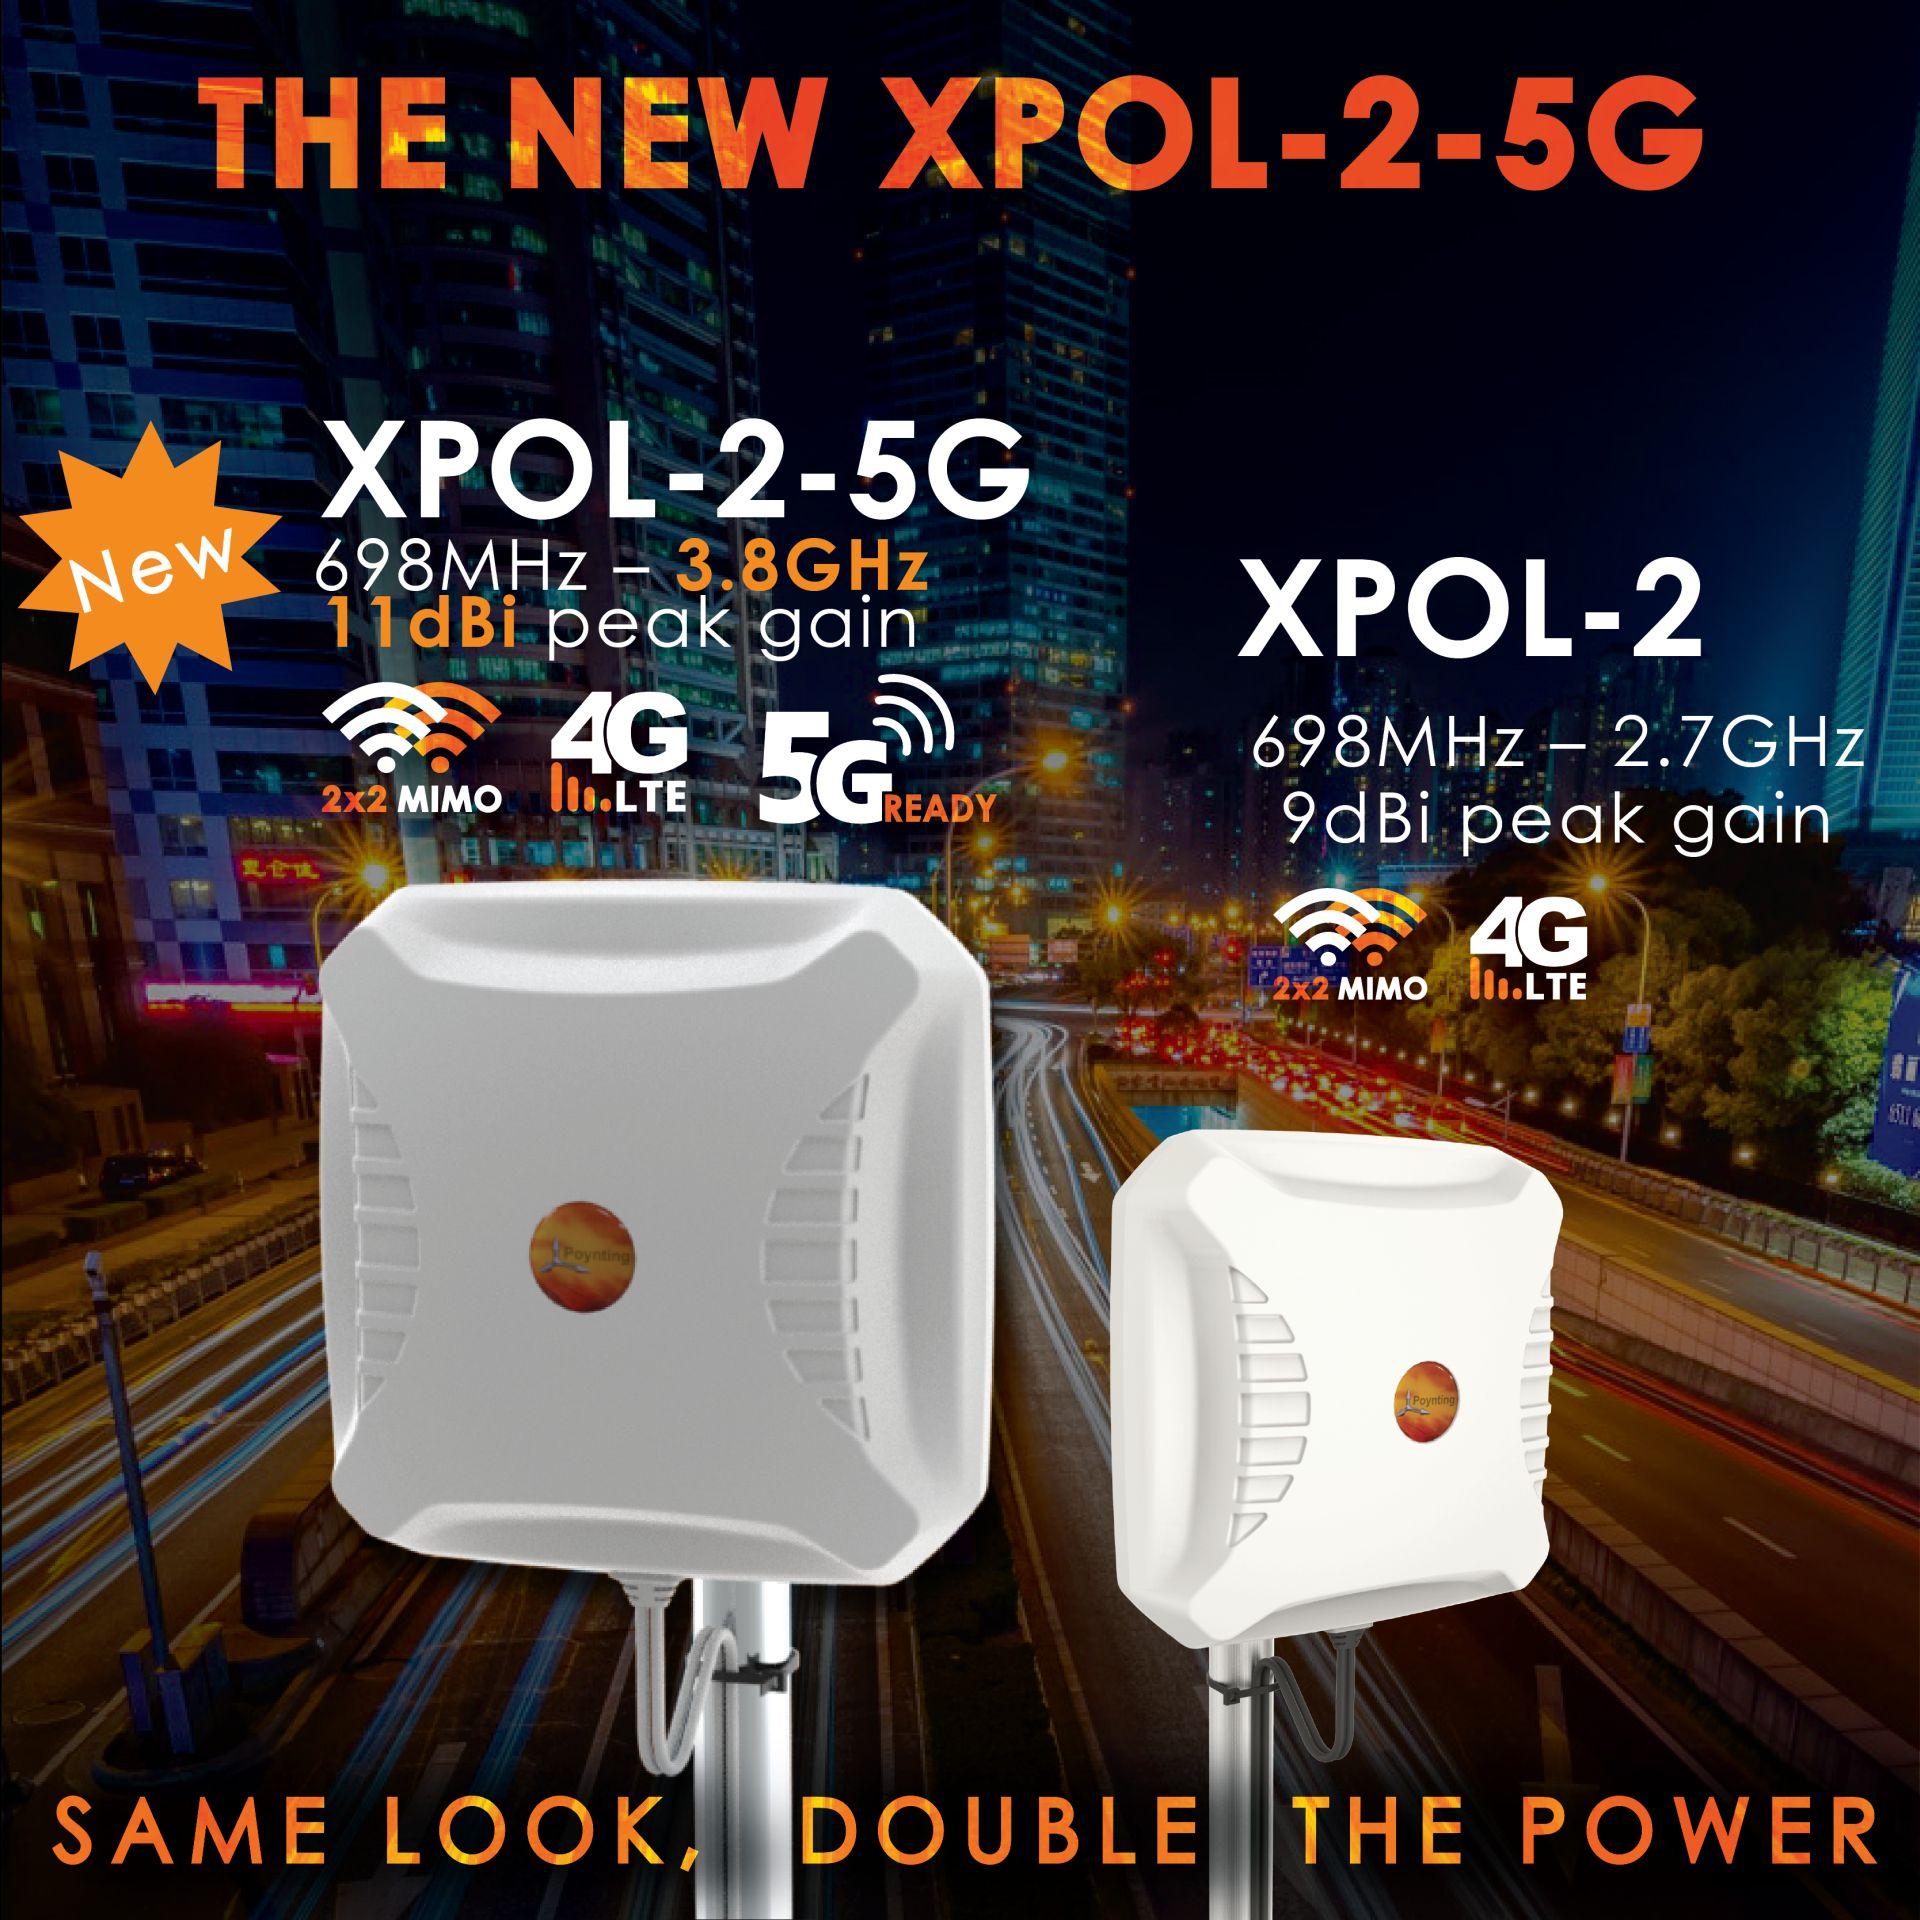 Die neue XPOL-2-5G Antenne von Poynting